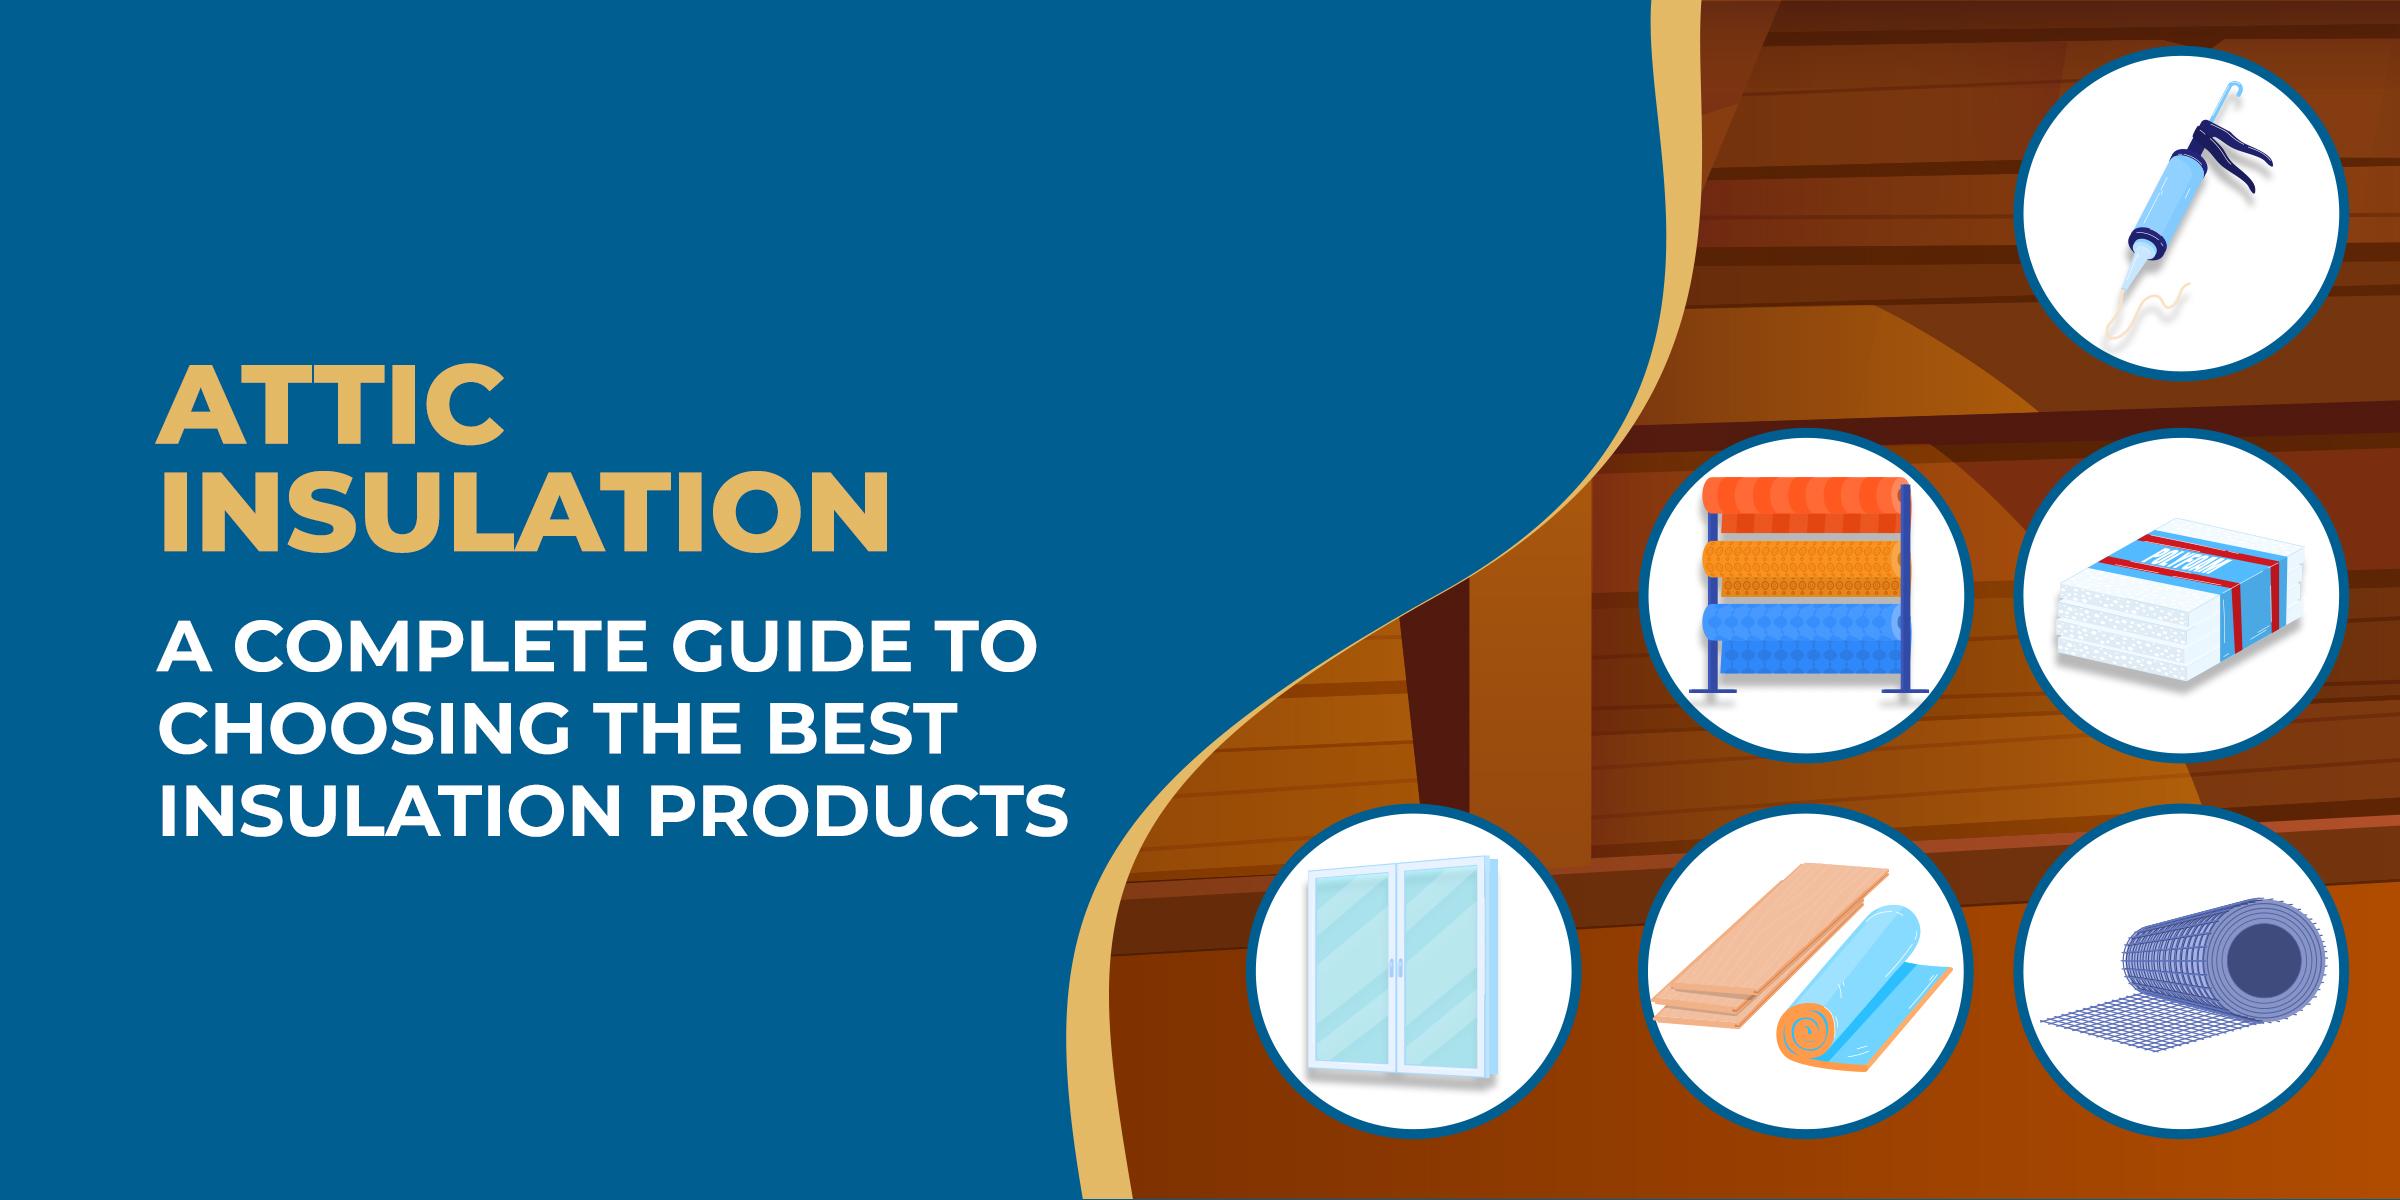 Attic Insulation Guide